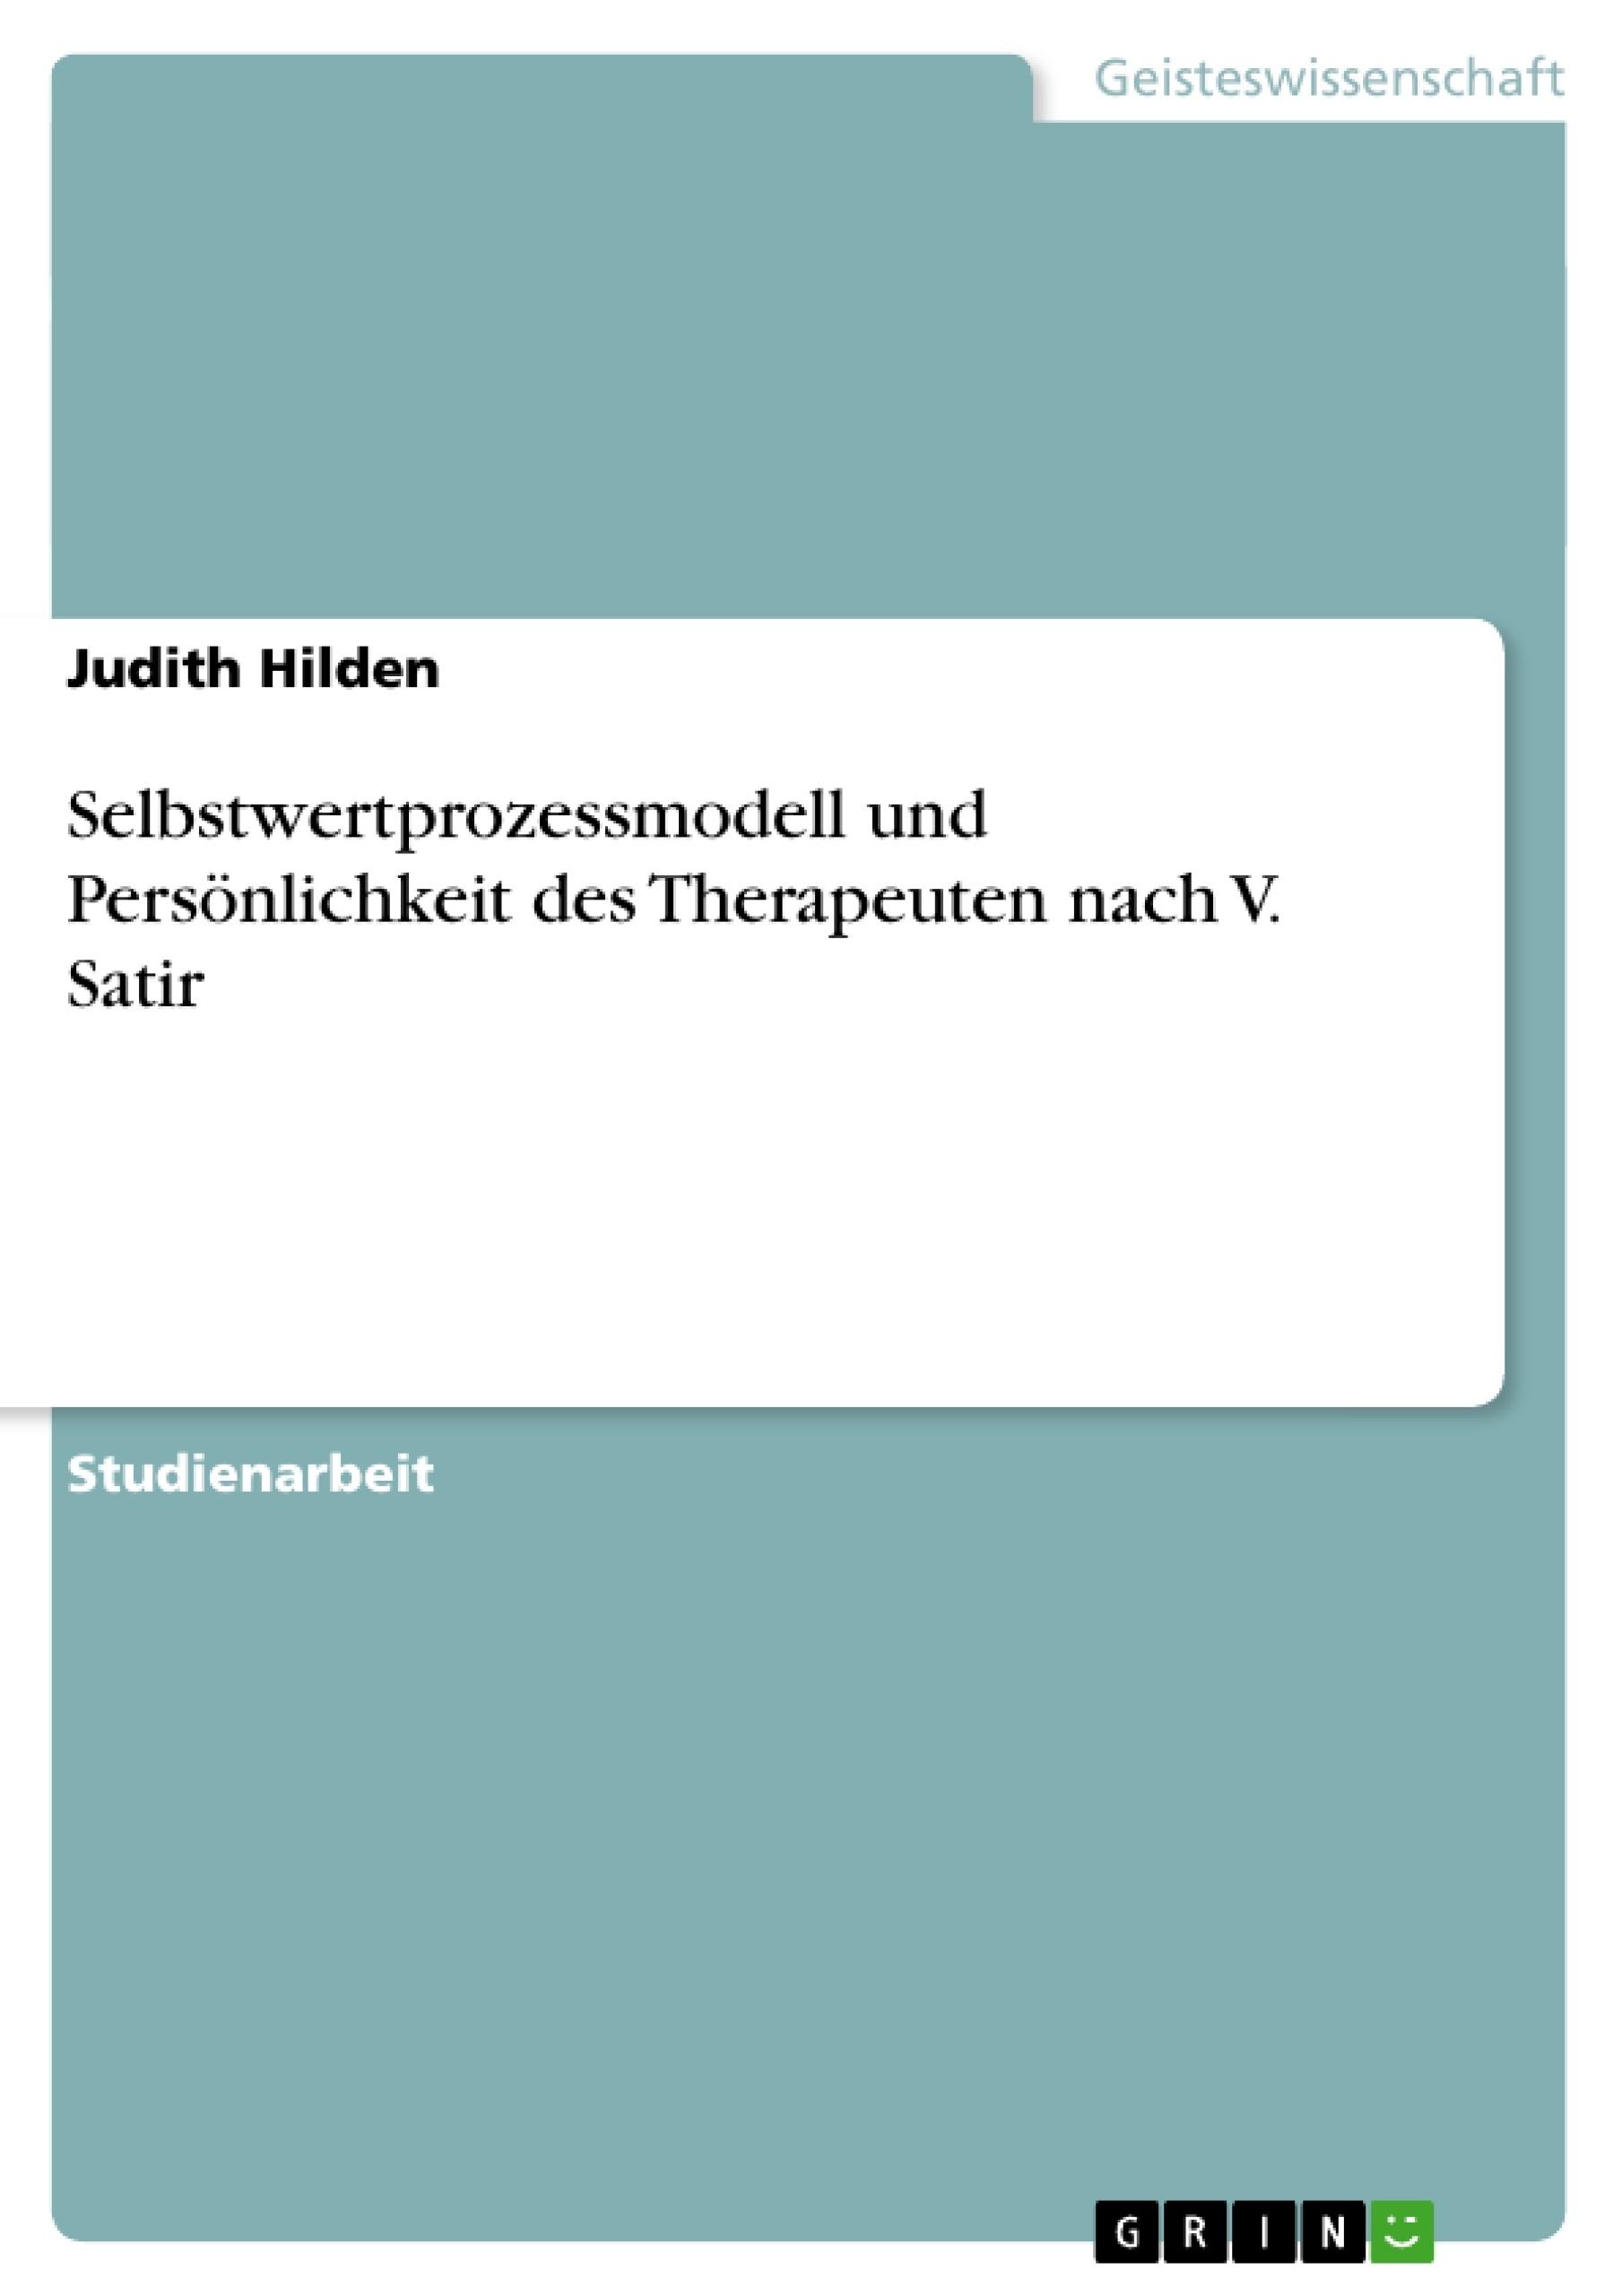 Titel: Selbstwertprozessmodell und Persönlichkeit des Therapeuten nach V. Satir